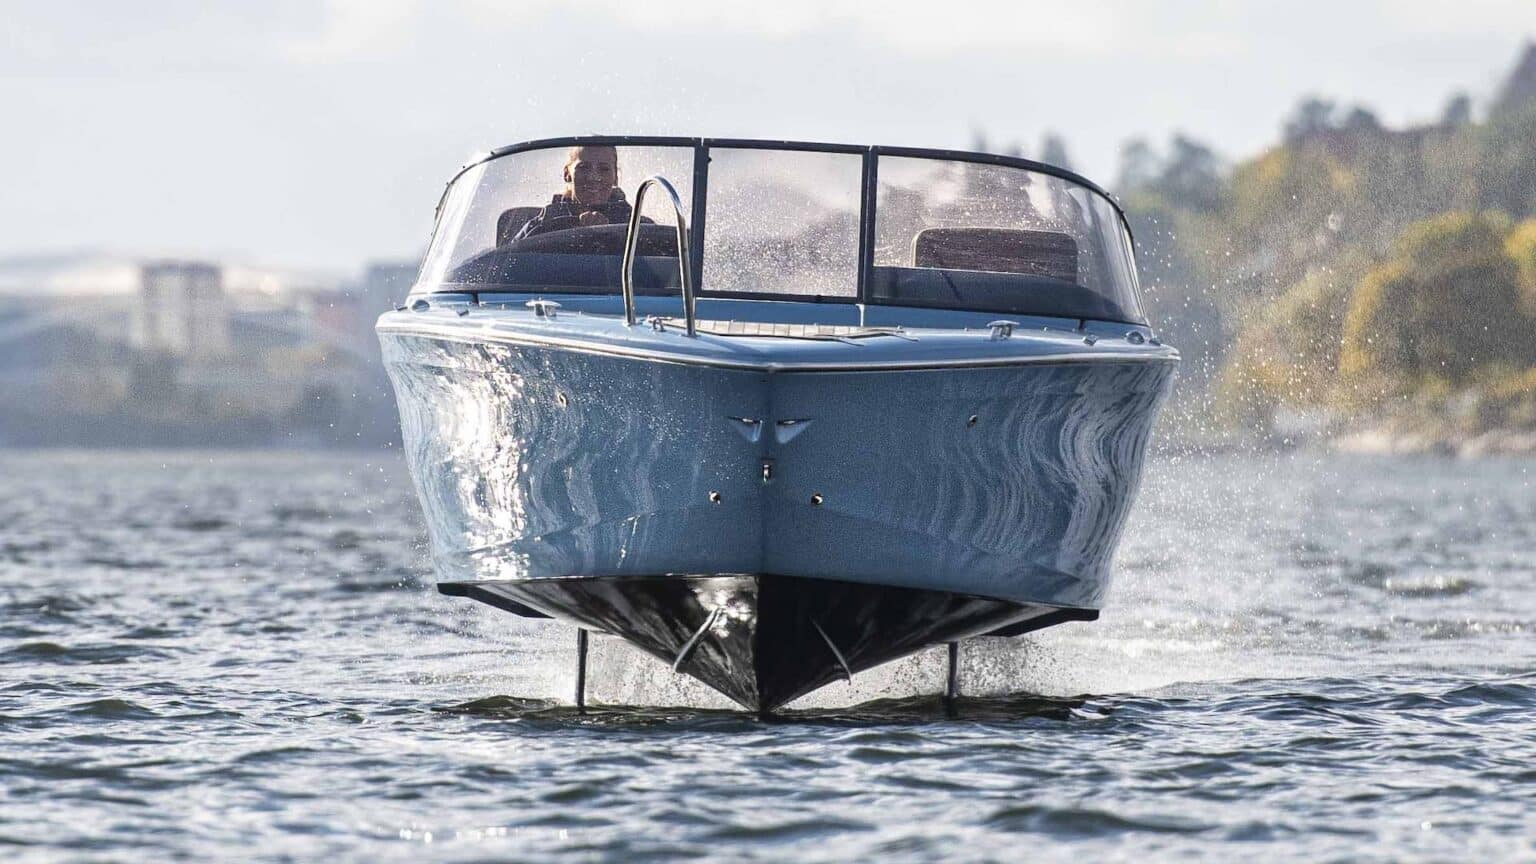 Candela electric boat